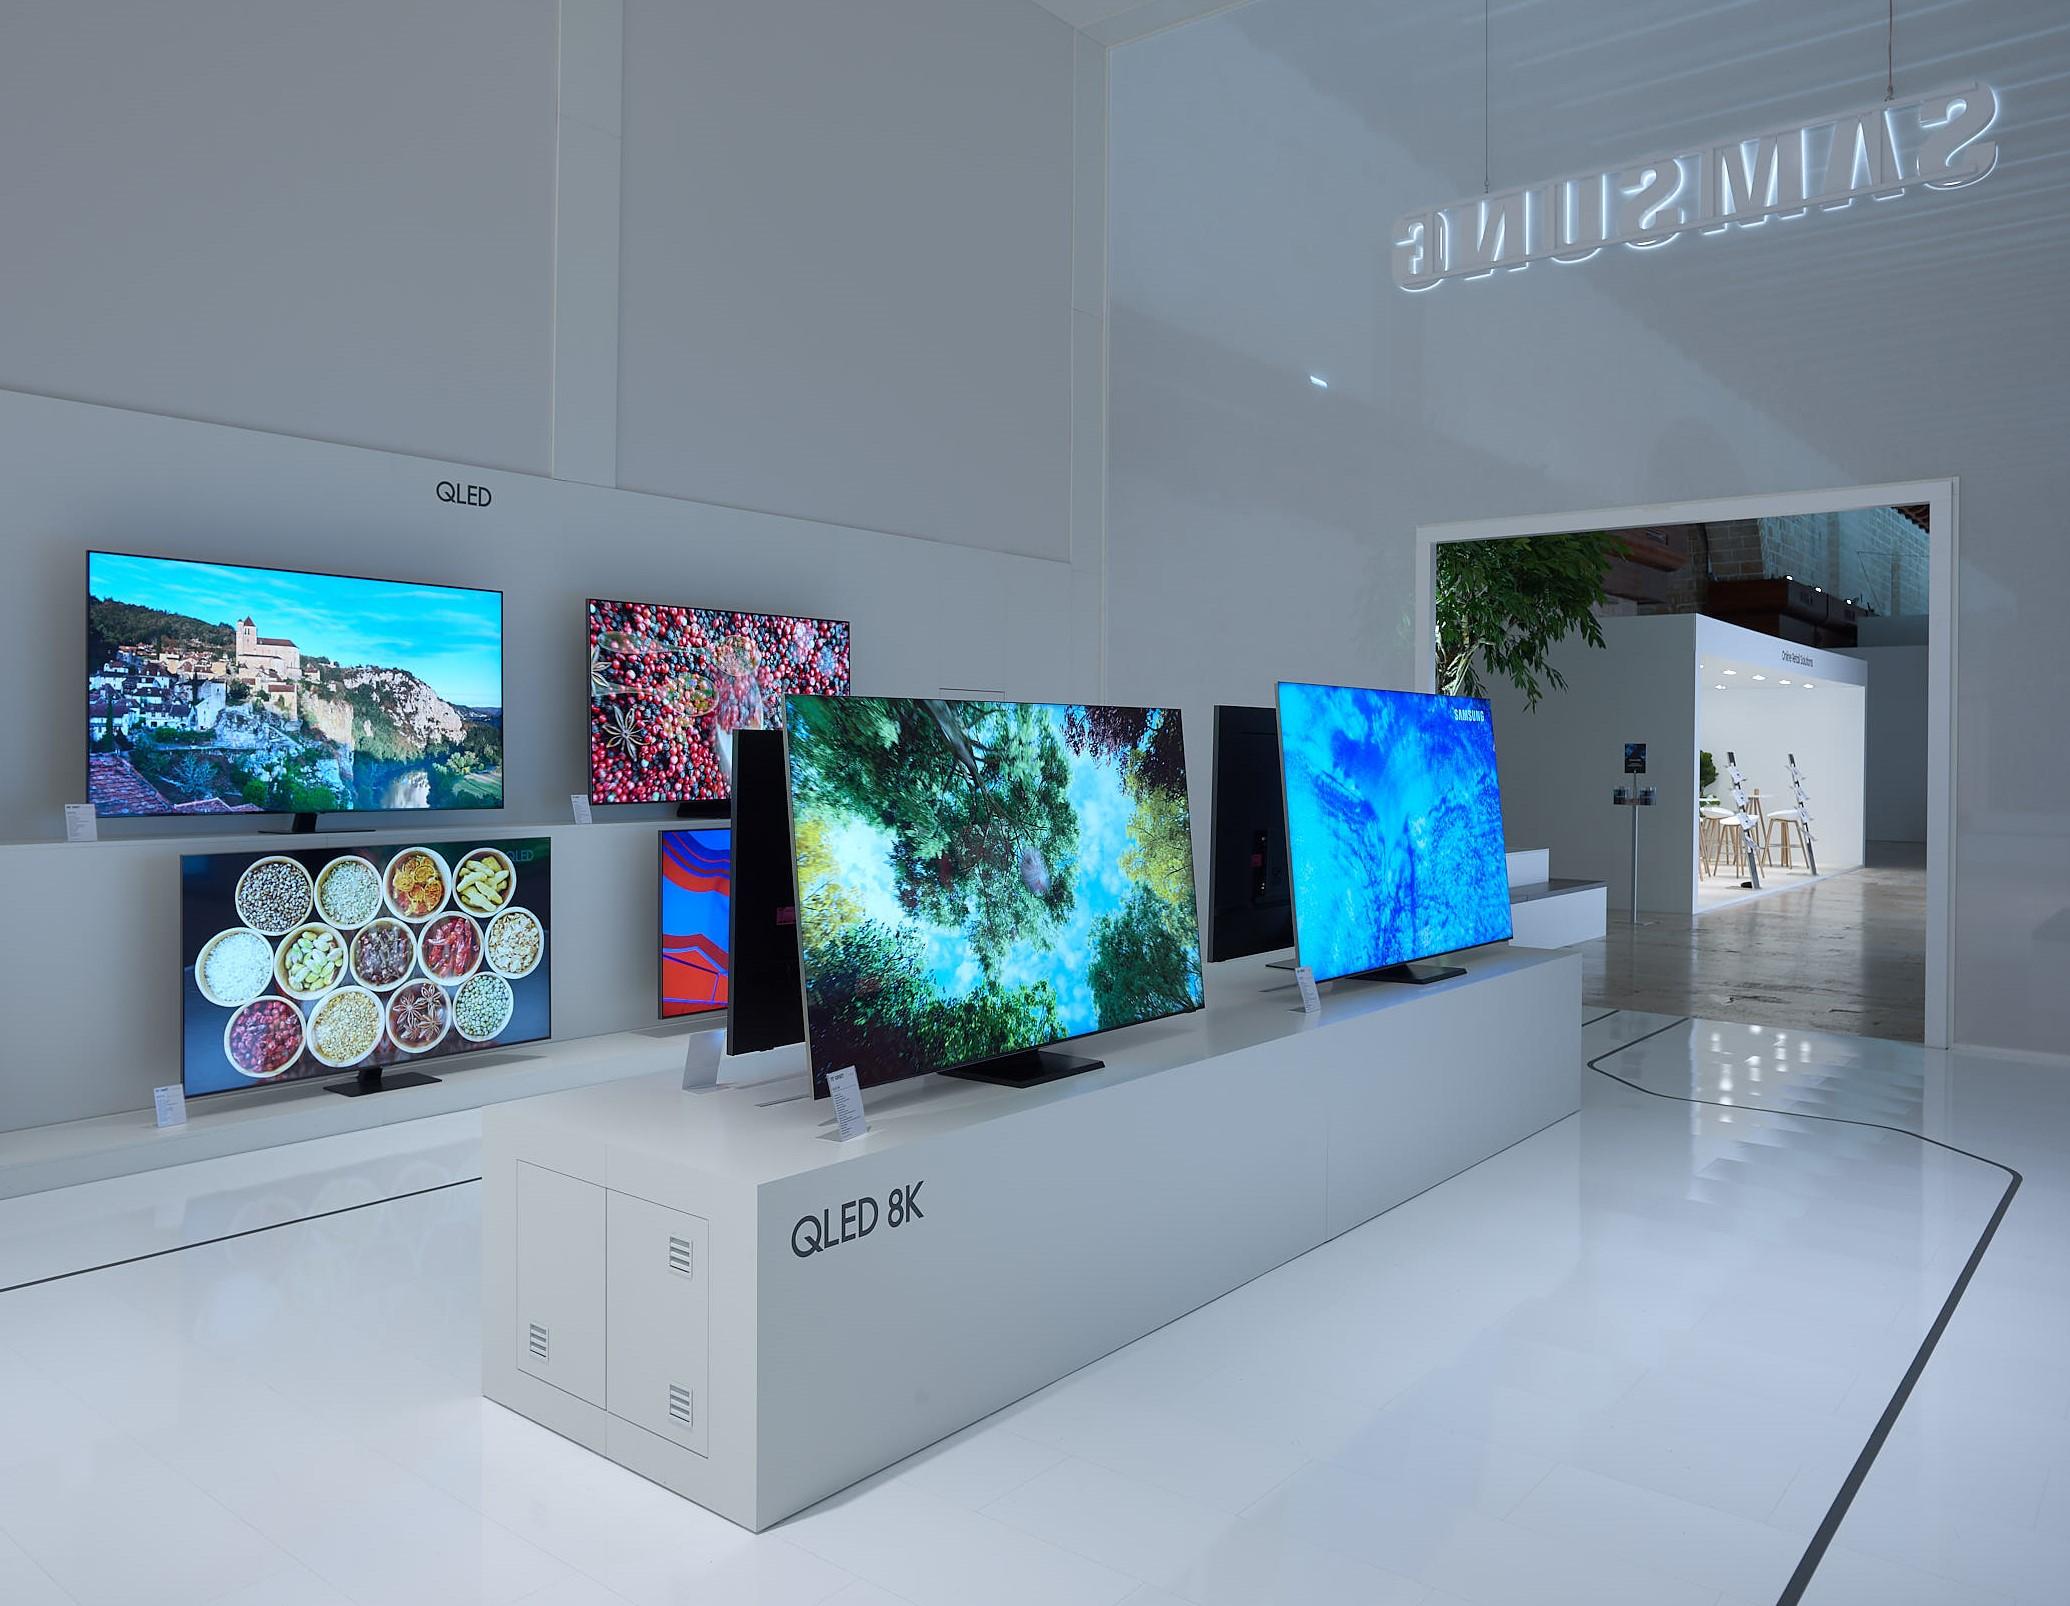 Samsung го претстави новиот 2020 QLED 8K flagship телевизор на европскиот пазар (ВИДЕО)